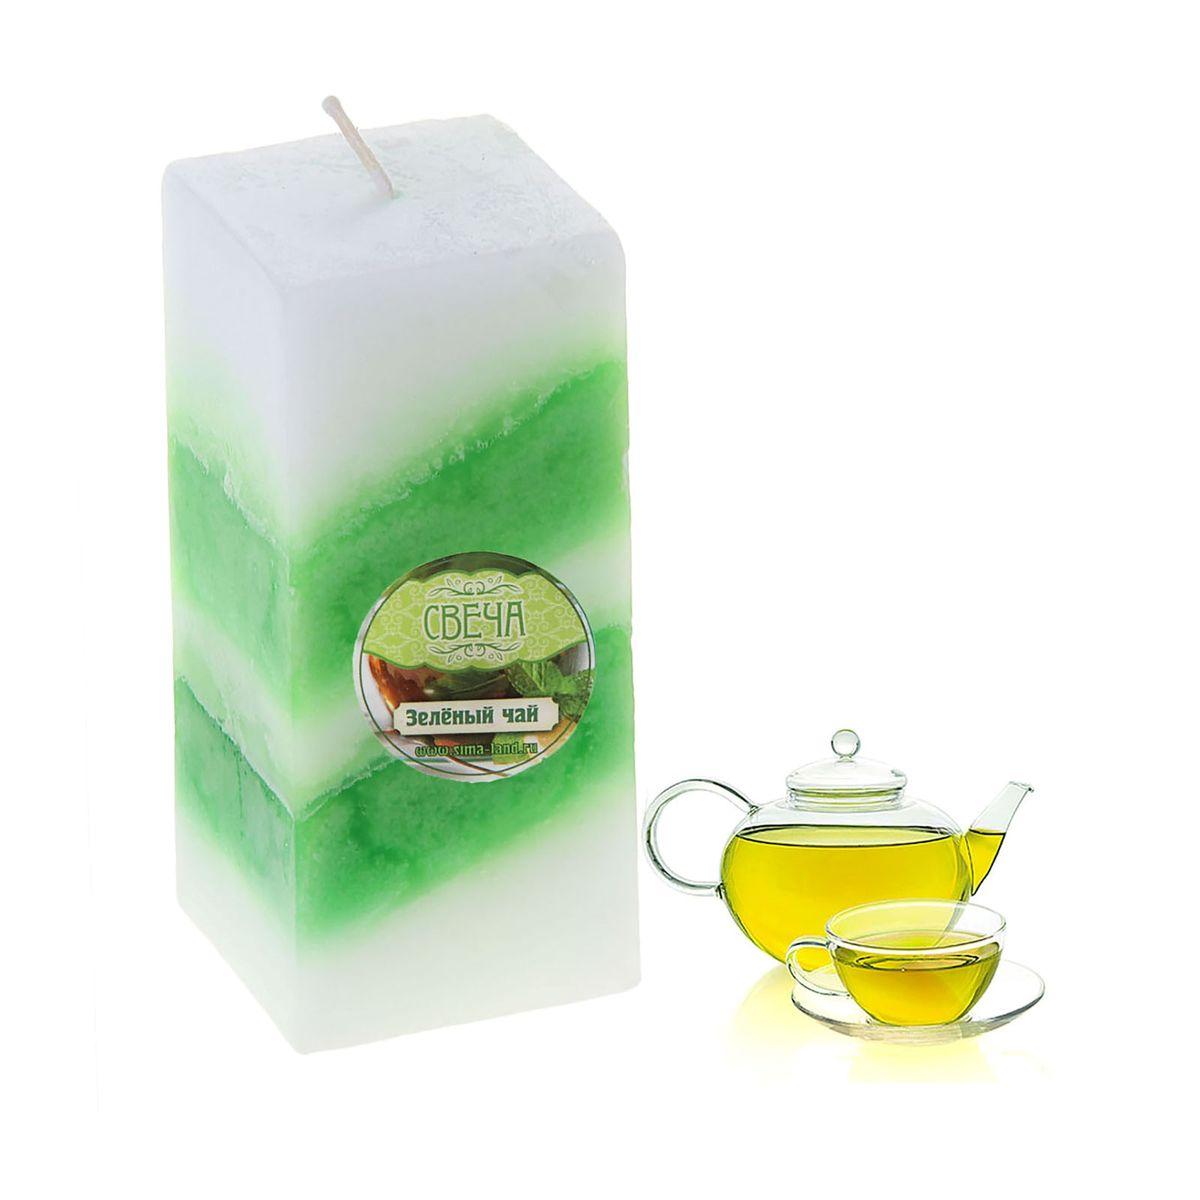 Свеча ароматизированная Sima-land Зеленый чай, высота 10 смFS-91909Свеча ароматизированная Sima-land Зеленый чай выполнена из воска. Отличается ярким дизайном, который понравится как женщинам, так и мужчинам. Создайте для себя и своих близких не забываемую атмосферу праздника и уюта в доме. Свеча Sima-land Зеленый чай будет радовать ароматом зеленого чая и раскрасит серые будни яркими красками.